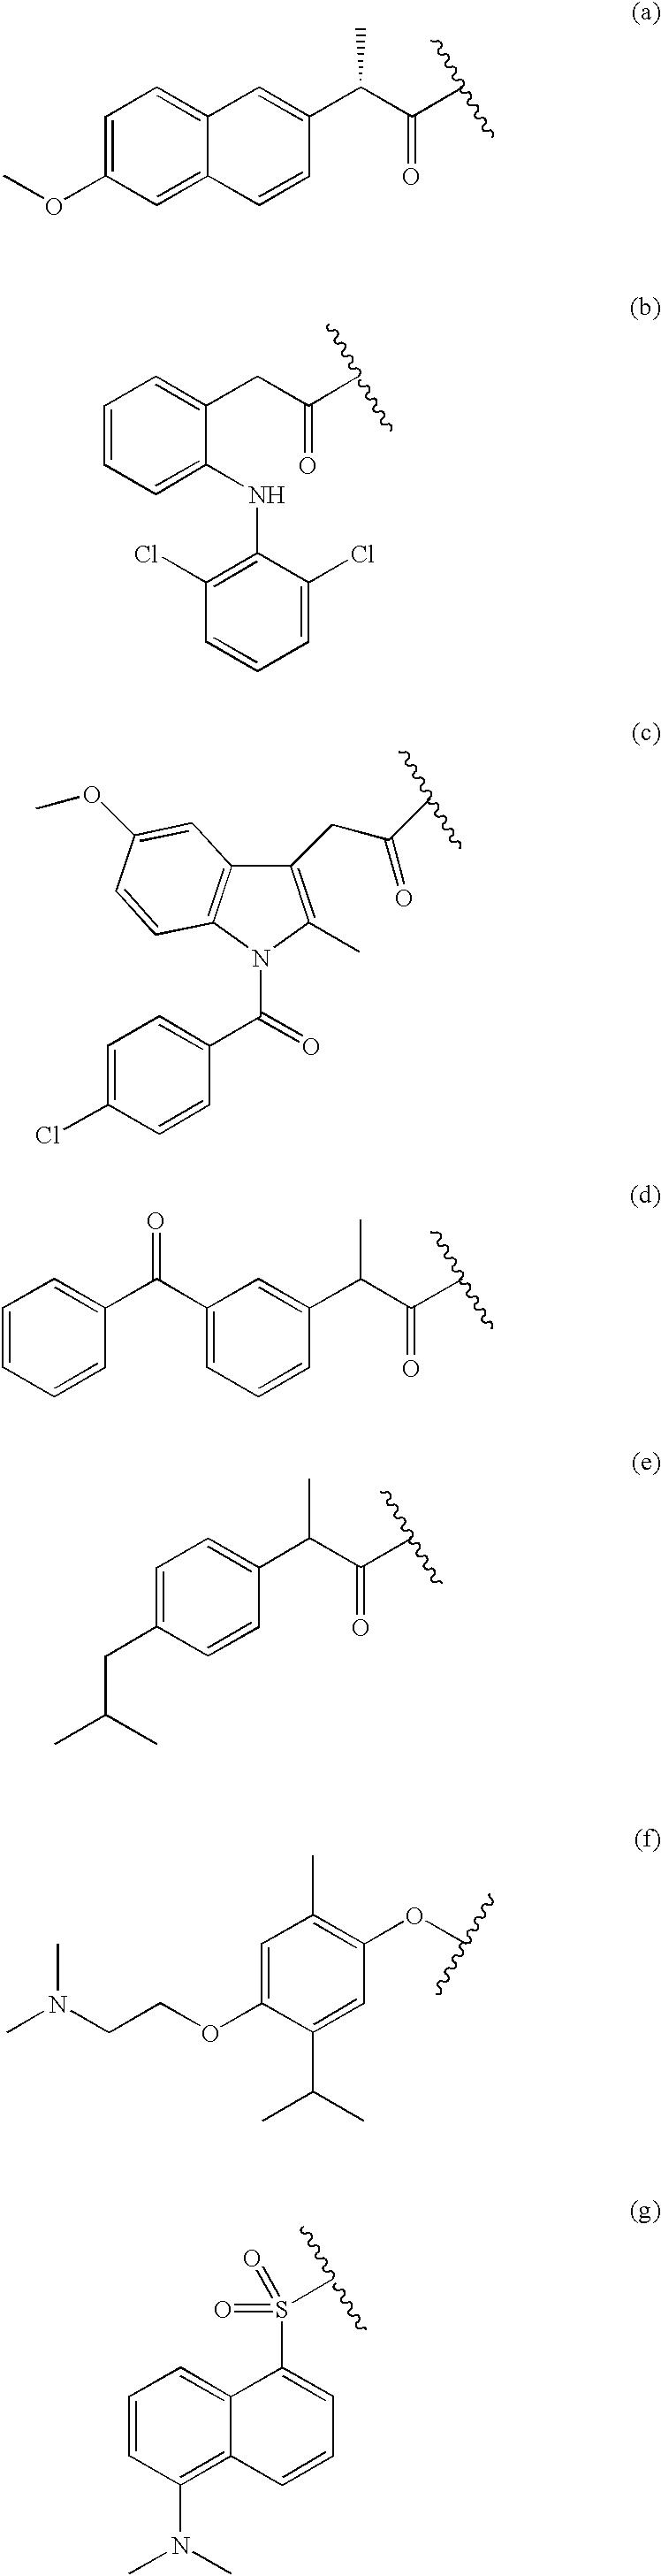 Figure US20030203915A1-20031030-C00004